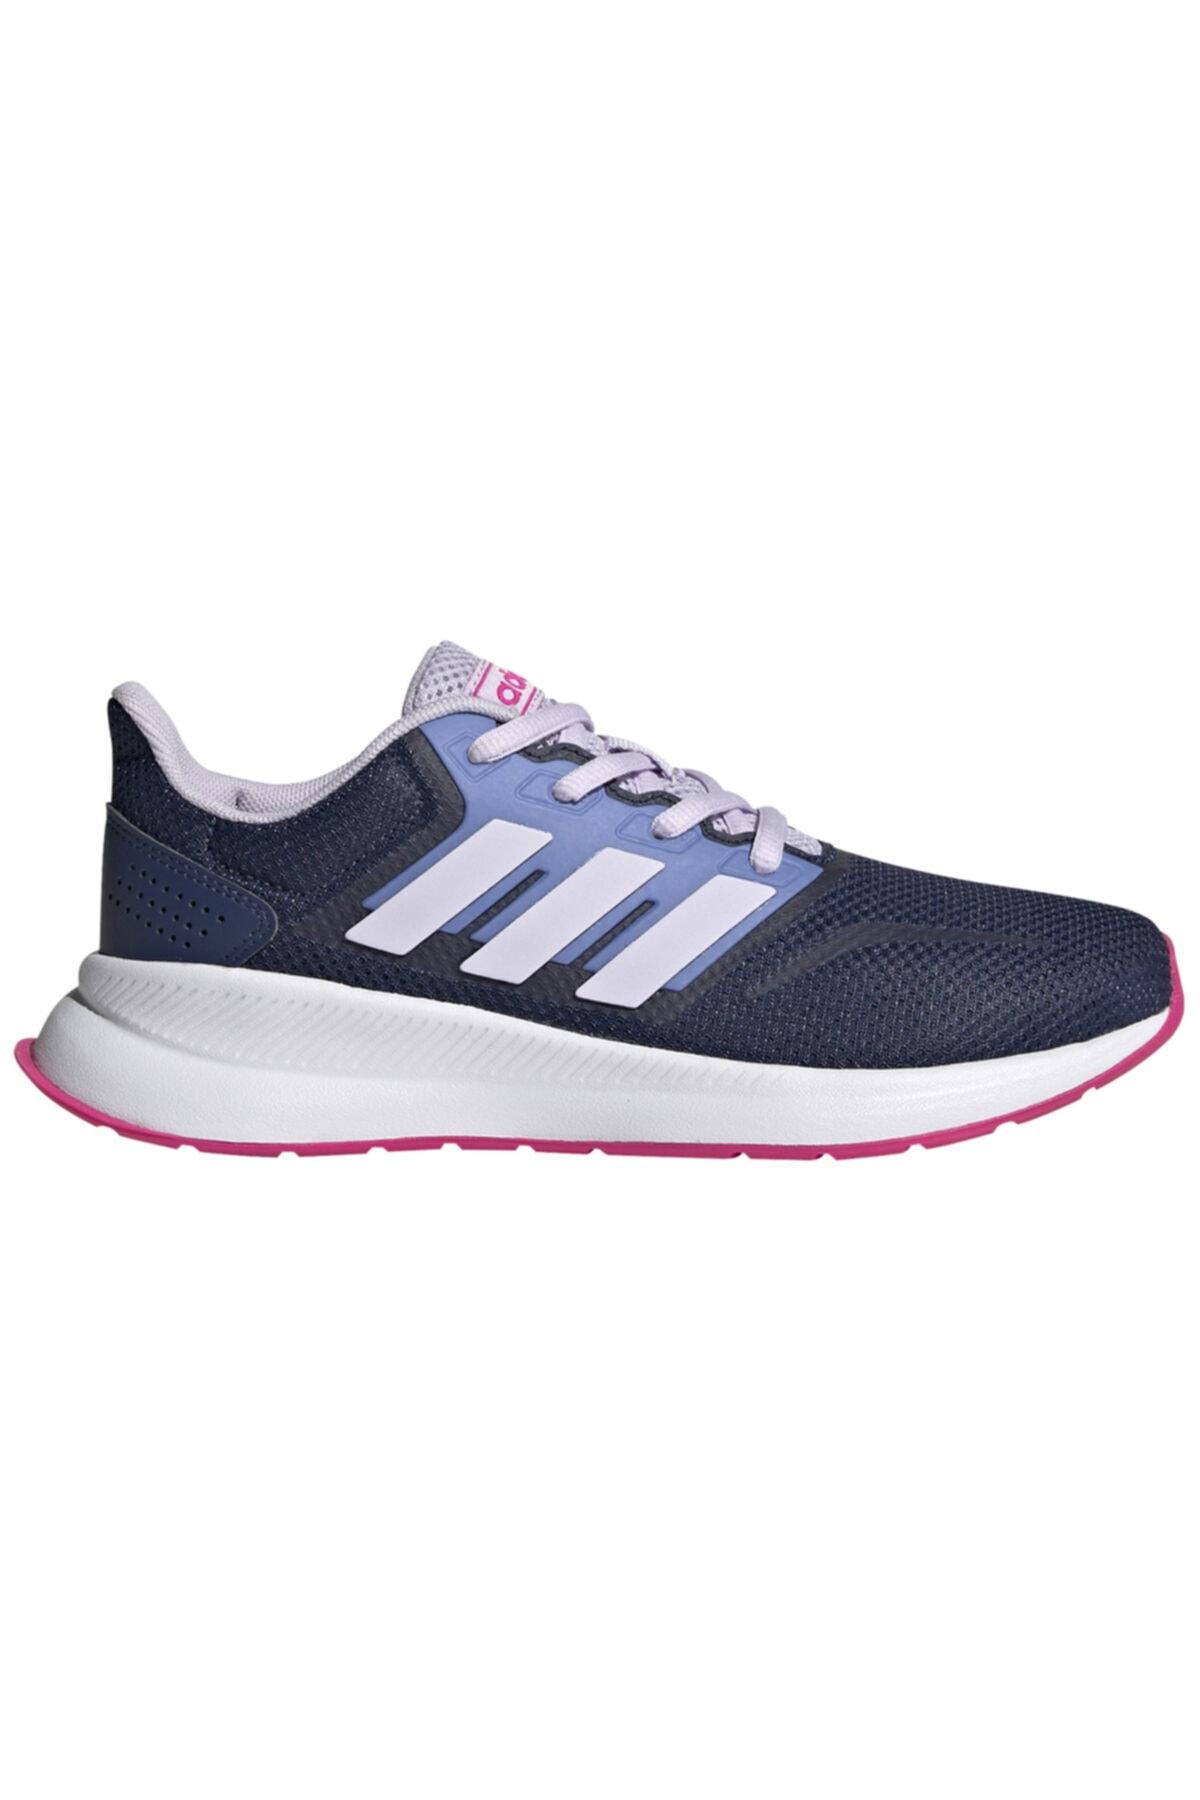 adidas Unisex Çocuk Mavi Runfalcon Gs Koşu Antrenman Ayakkabısı 1